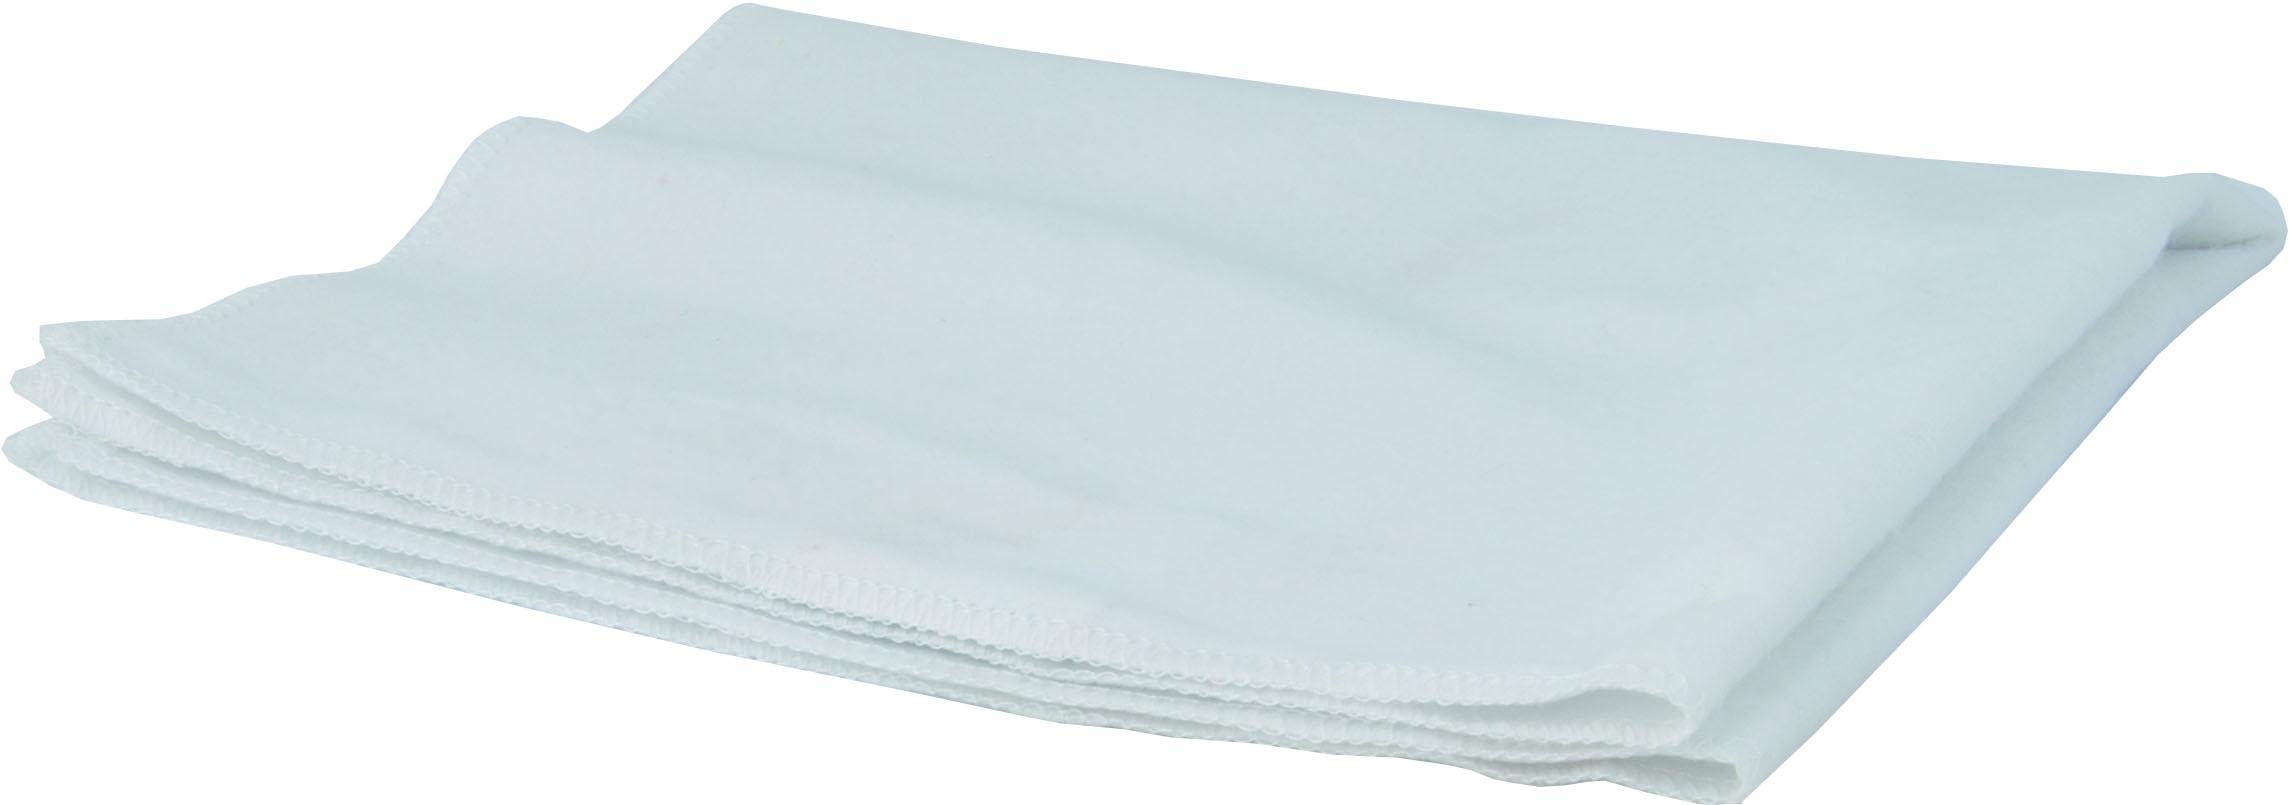 Prachovka flanelová bílá, 35x40cm